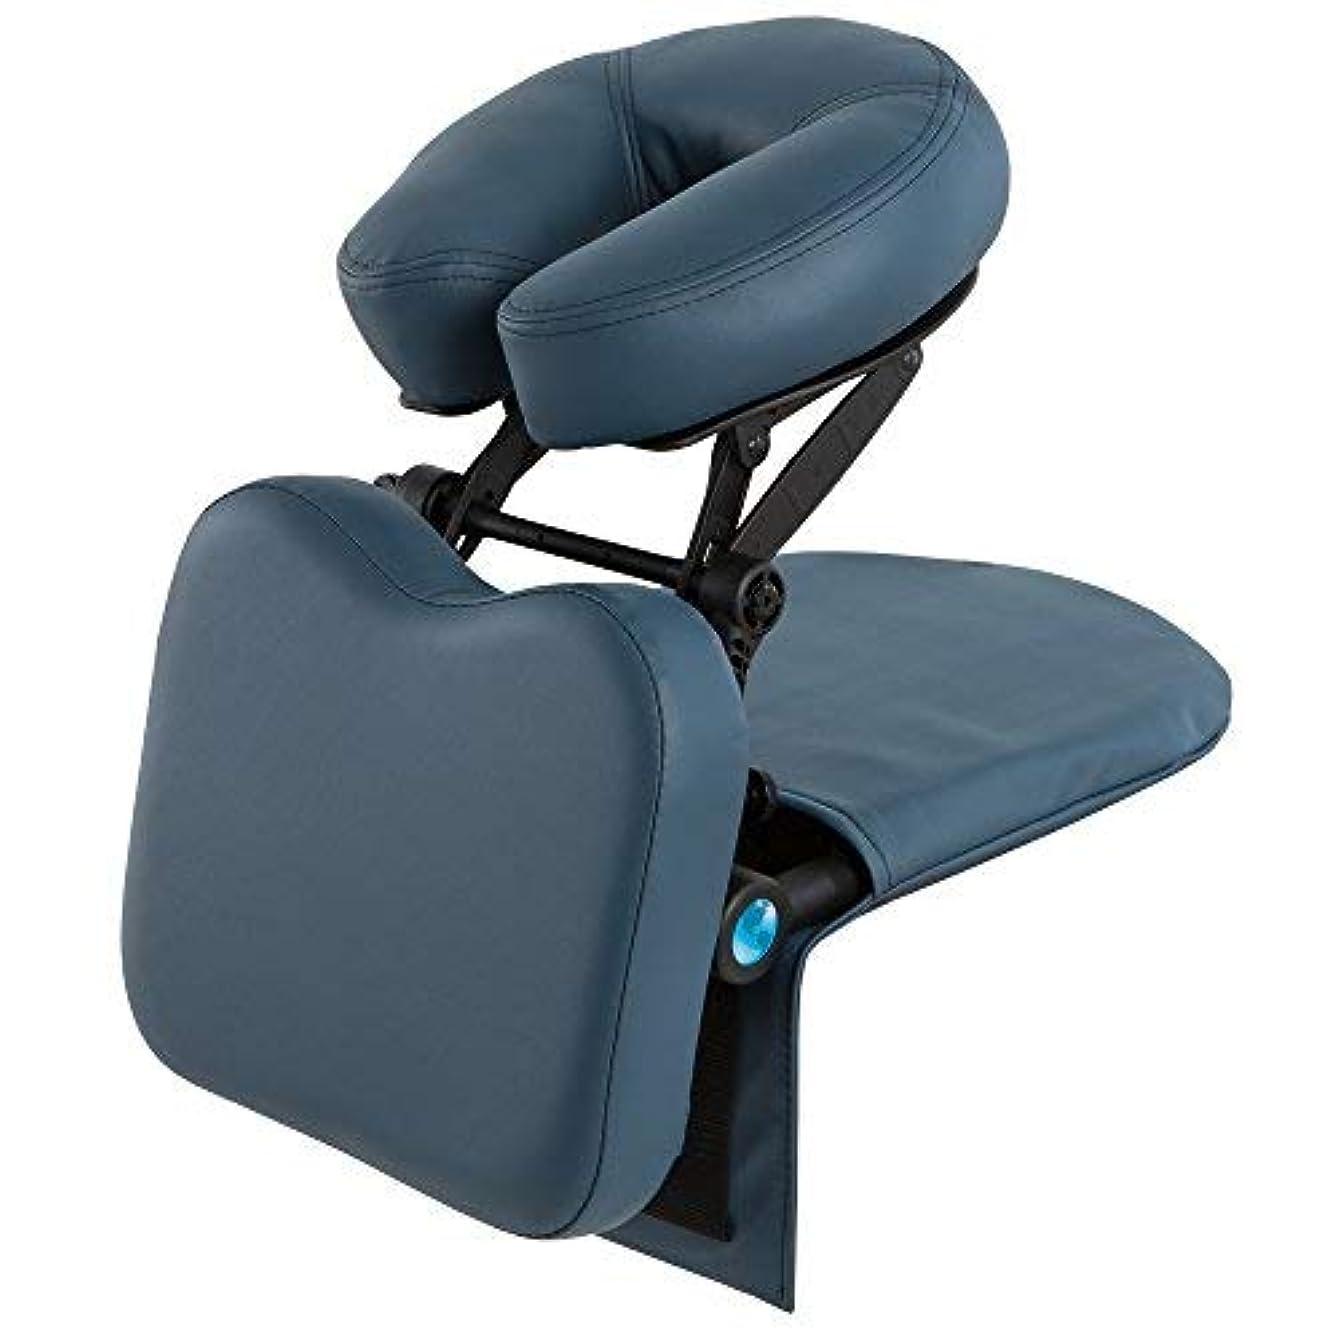 アカウント滅びる脊椎EARTHLITE Travelmate Massage Support System Package - Face Down Desk & Tabletop Massage Kit Vitrectomy recovery equipment [並行輸入品]